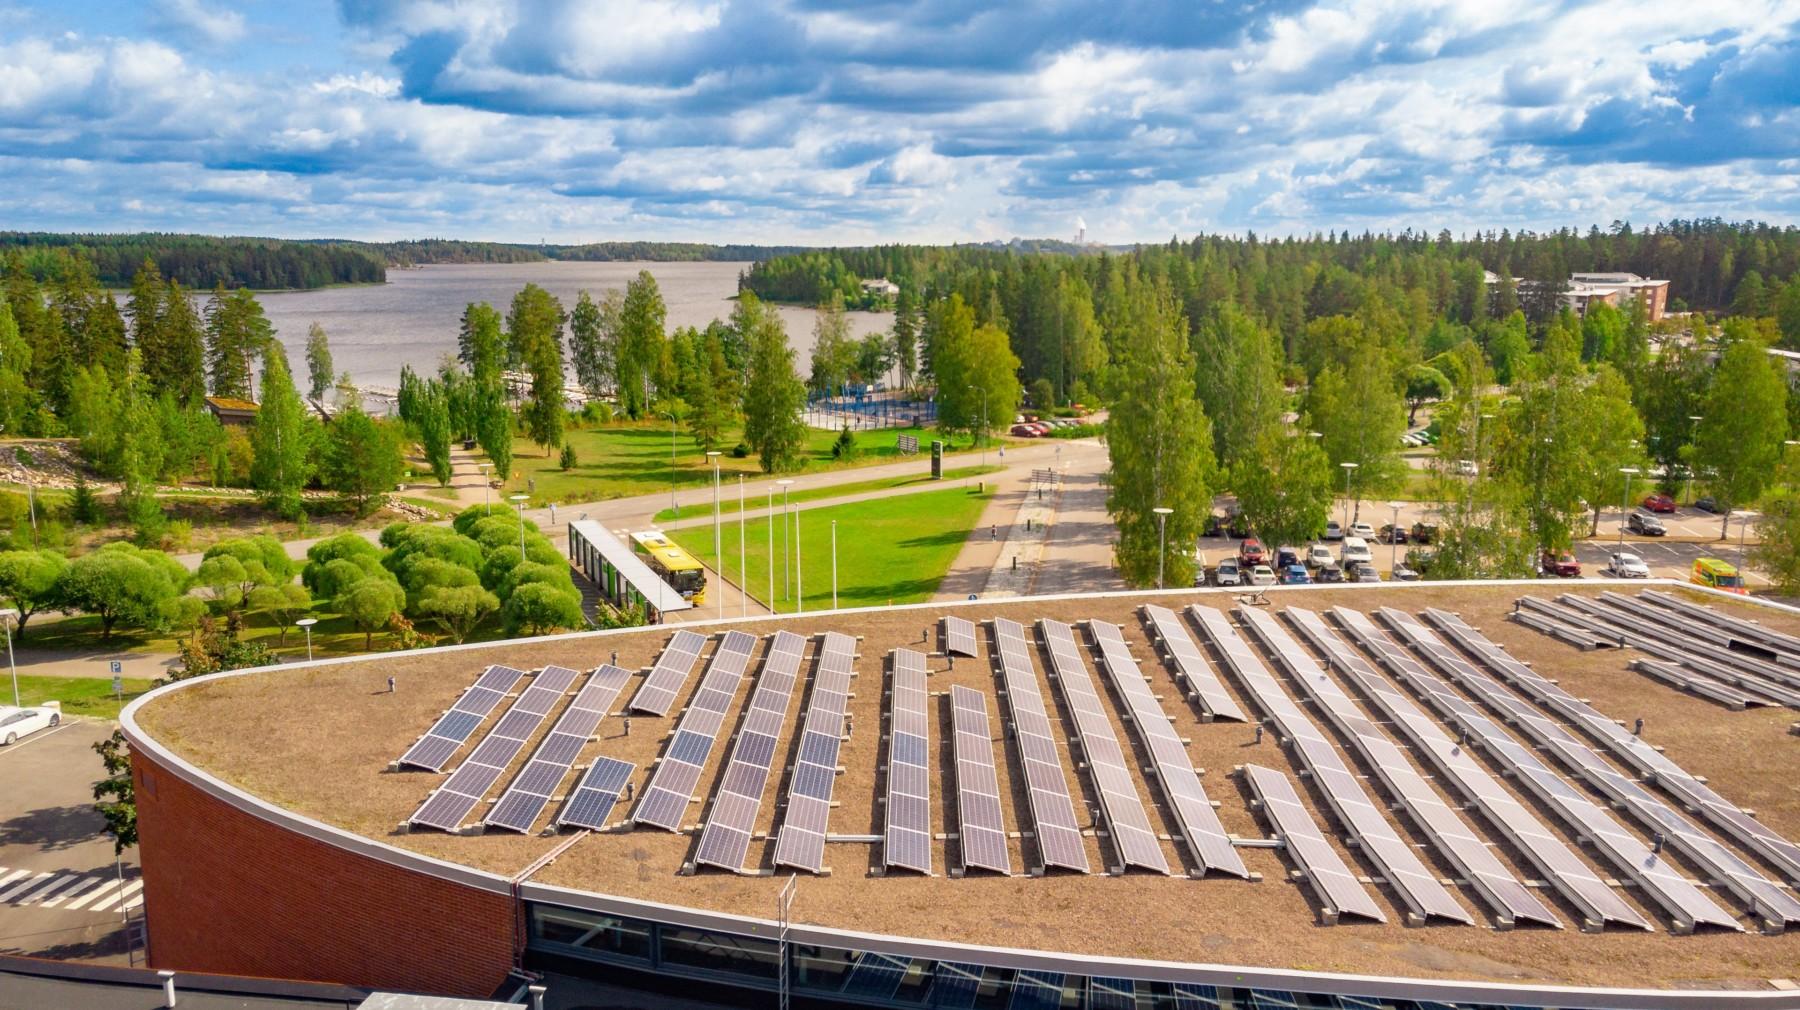 تعرض أسطح العديد من المباني الرياضية الألواح الشمسية في حرم جامعة Lappeenranta-Lahti للتكنولوجيا في مدينة لابينرانتا الفنلندية الشرقية.